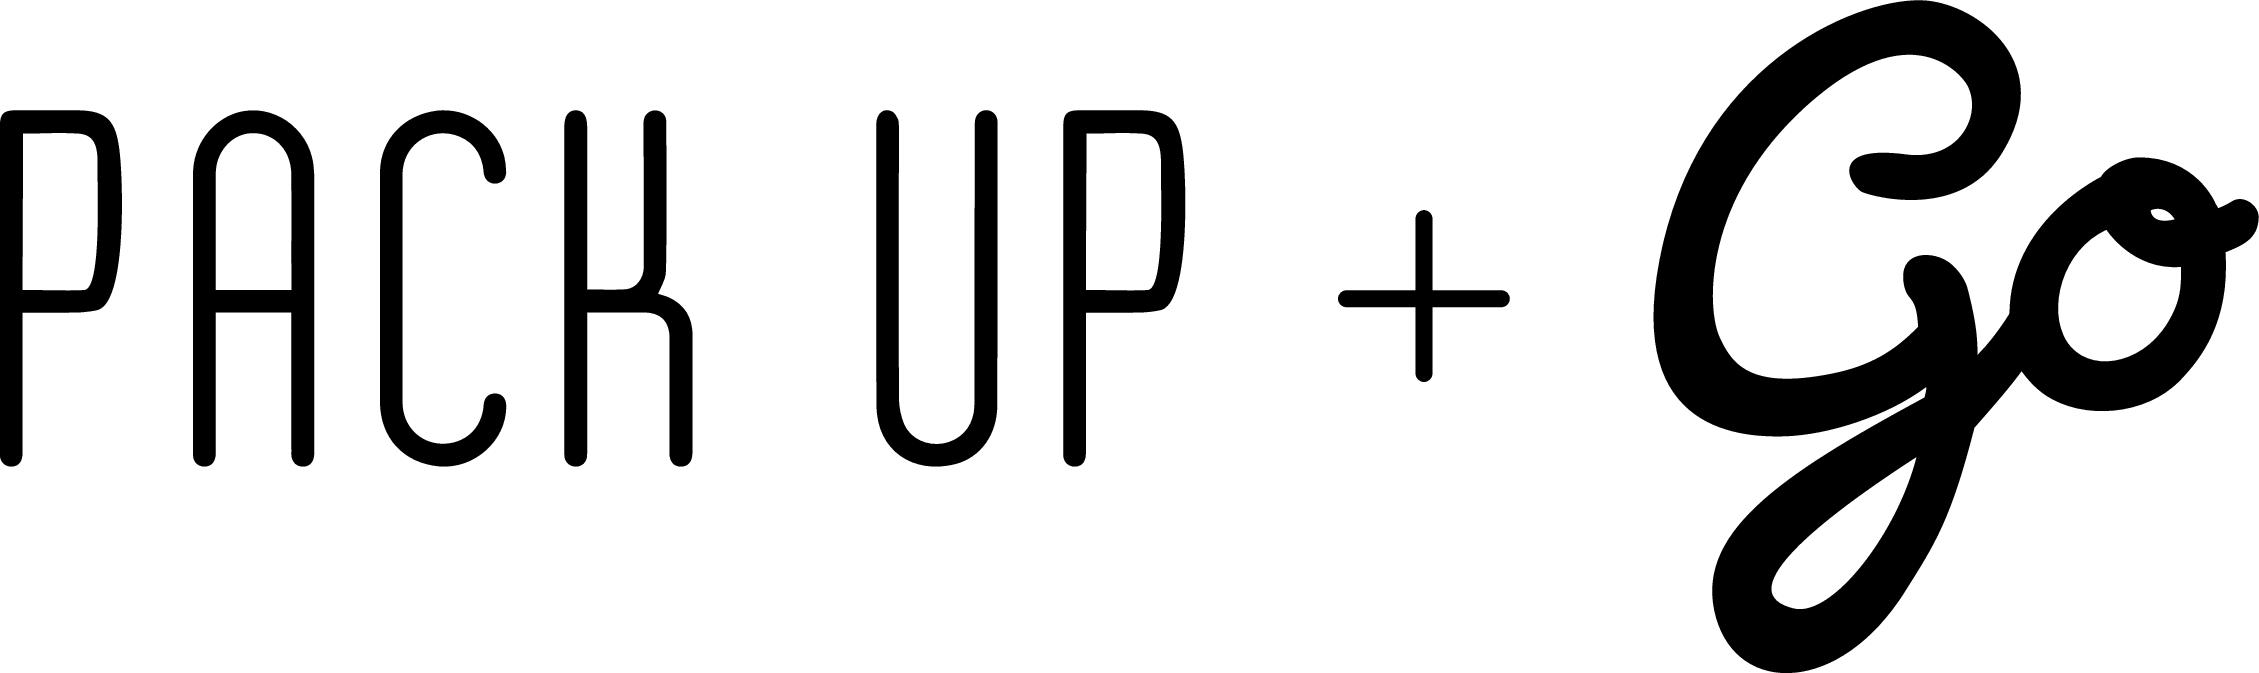 alt='Pack Up + Go'  Title='Pack Up + Go'